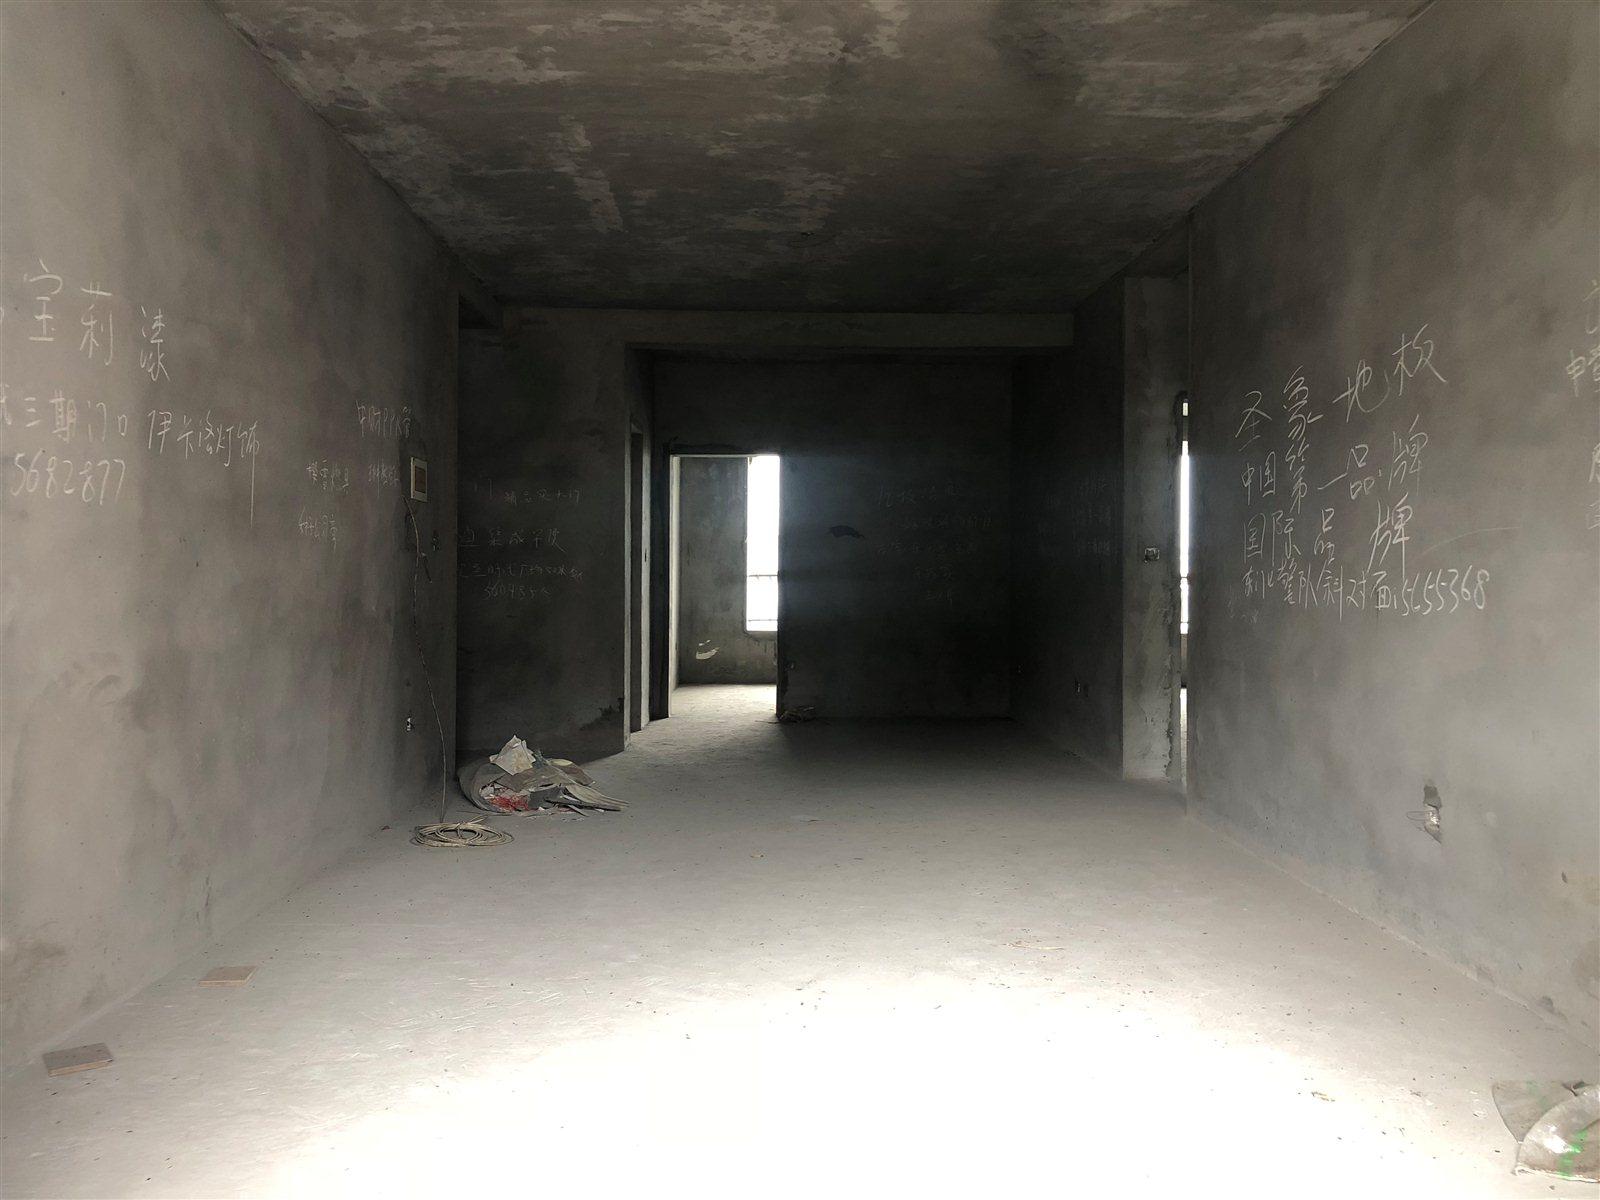 積金盛世現澆房小區樓層適中只要32萬